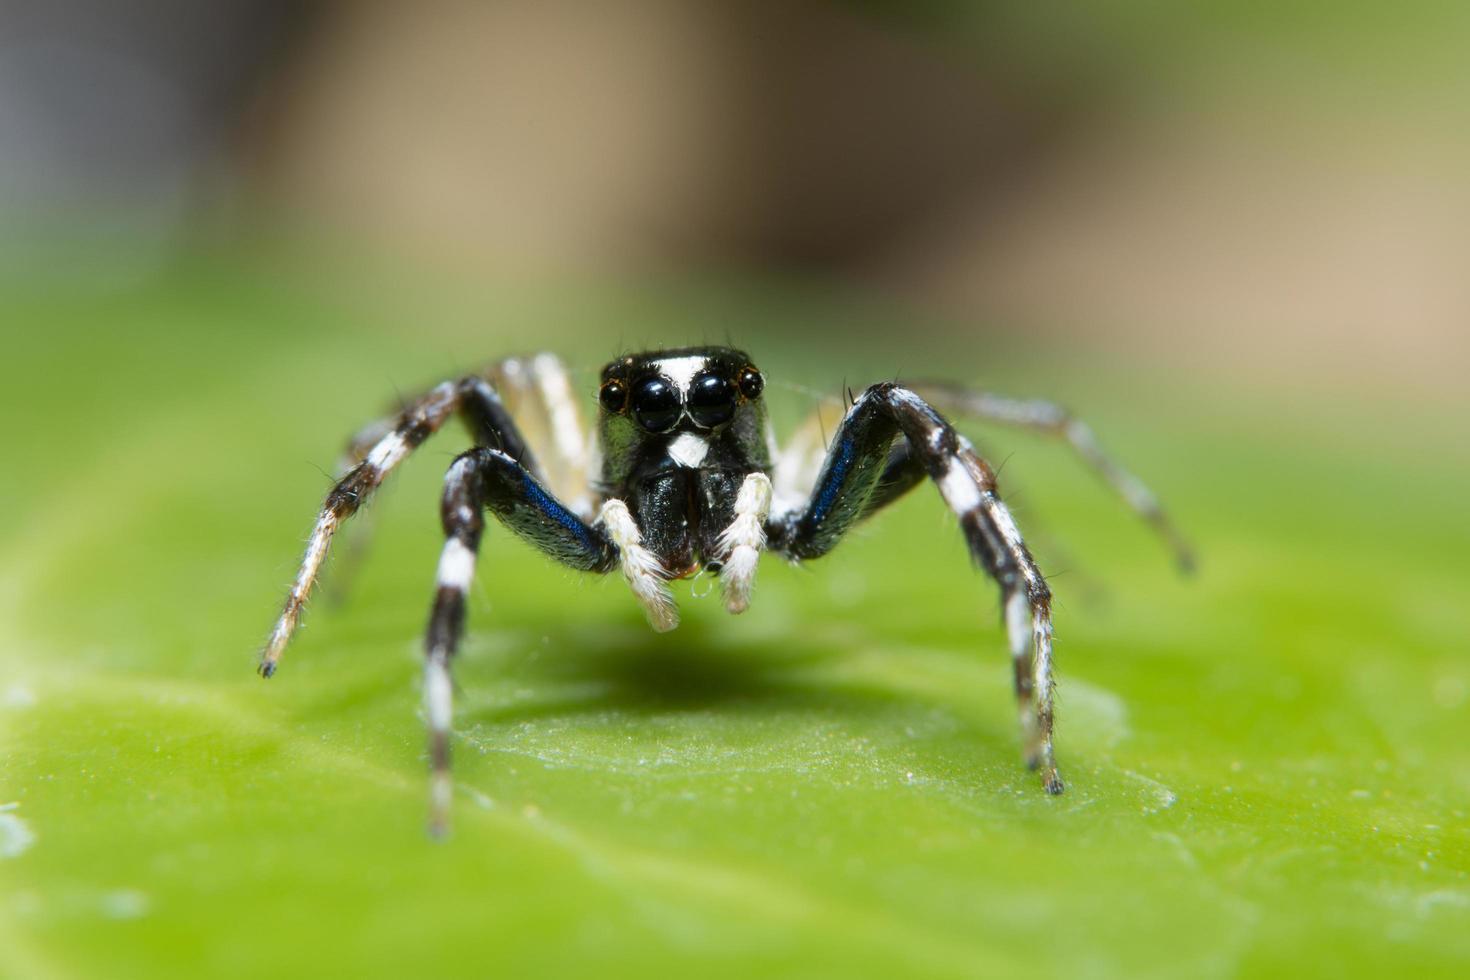 Nahaufnahme der Spinne auf grünem Blatt foto